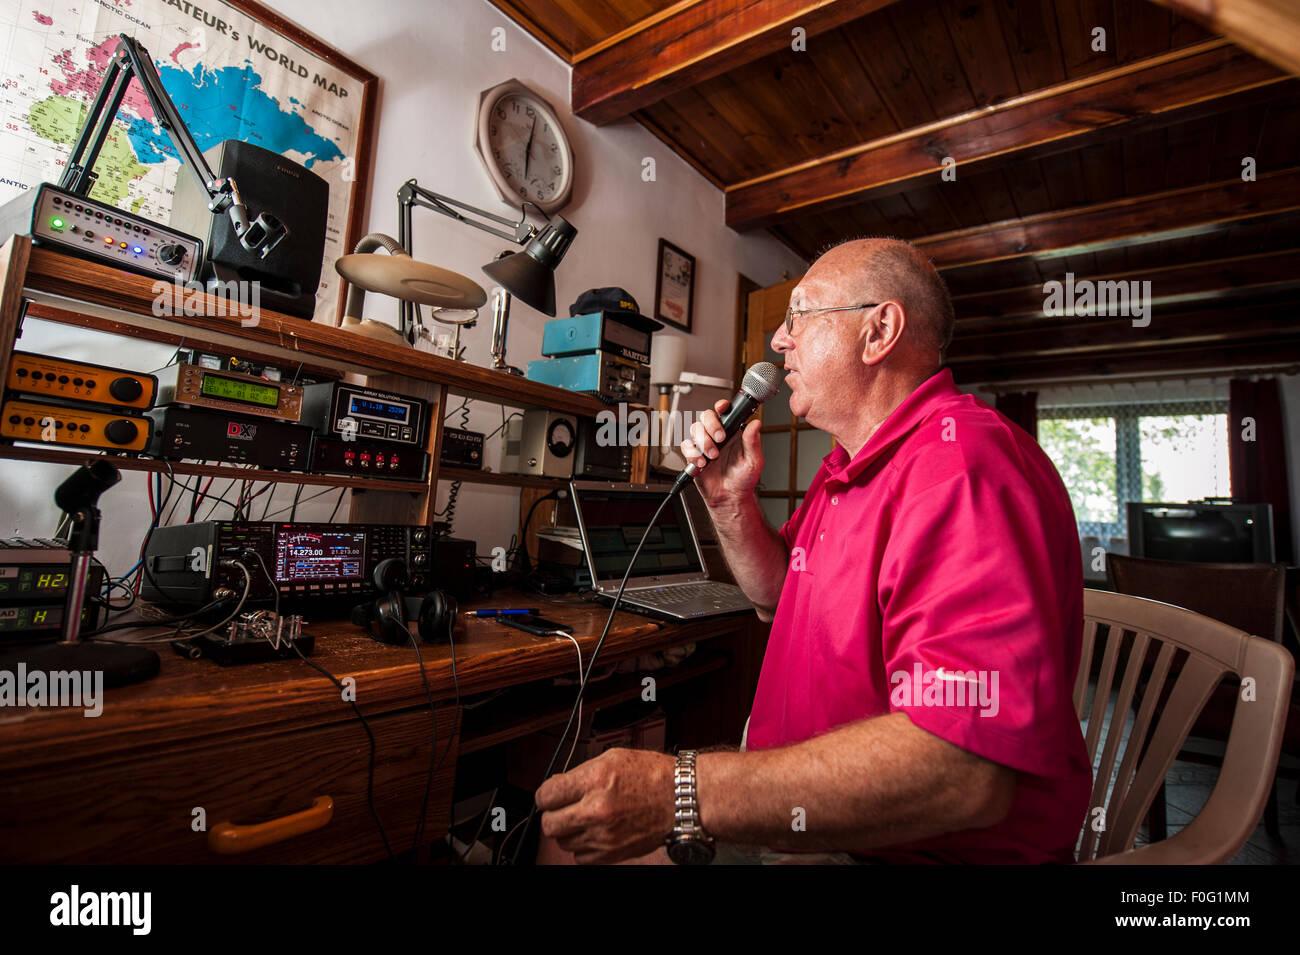 Amateur radio stations 4